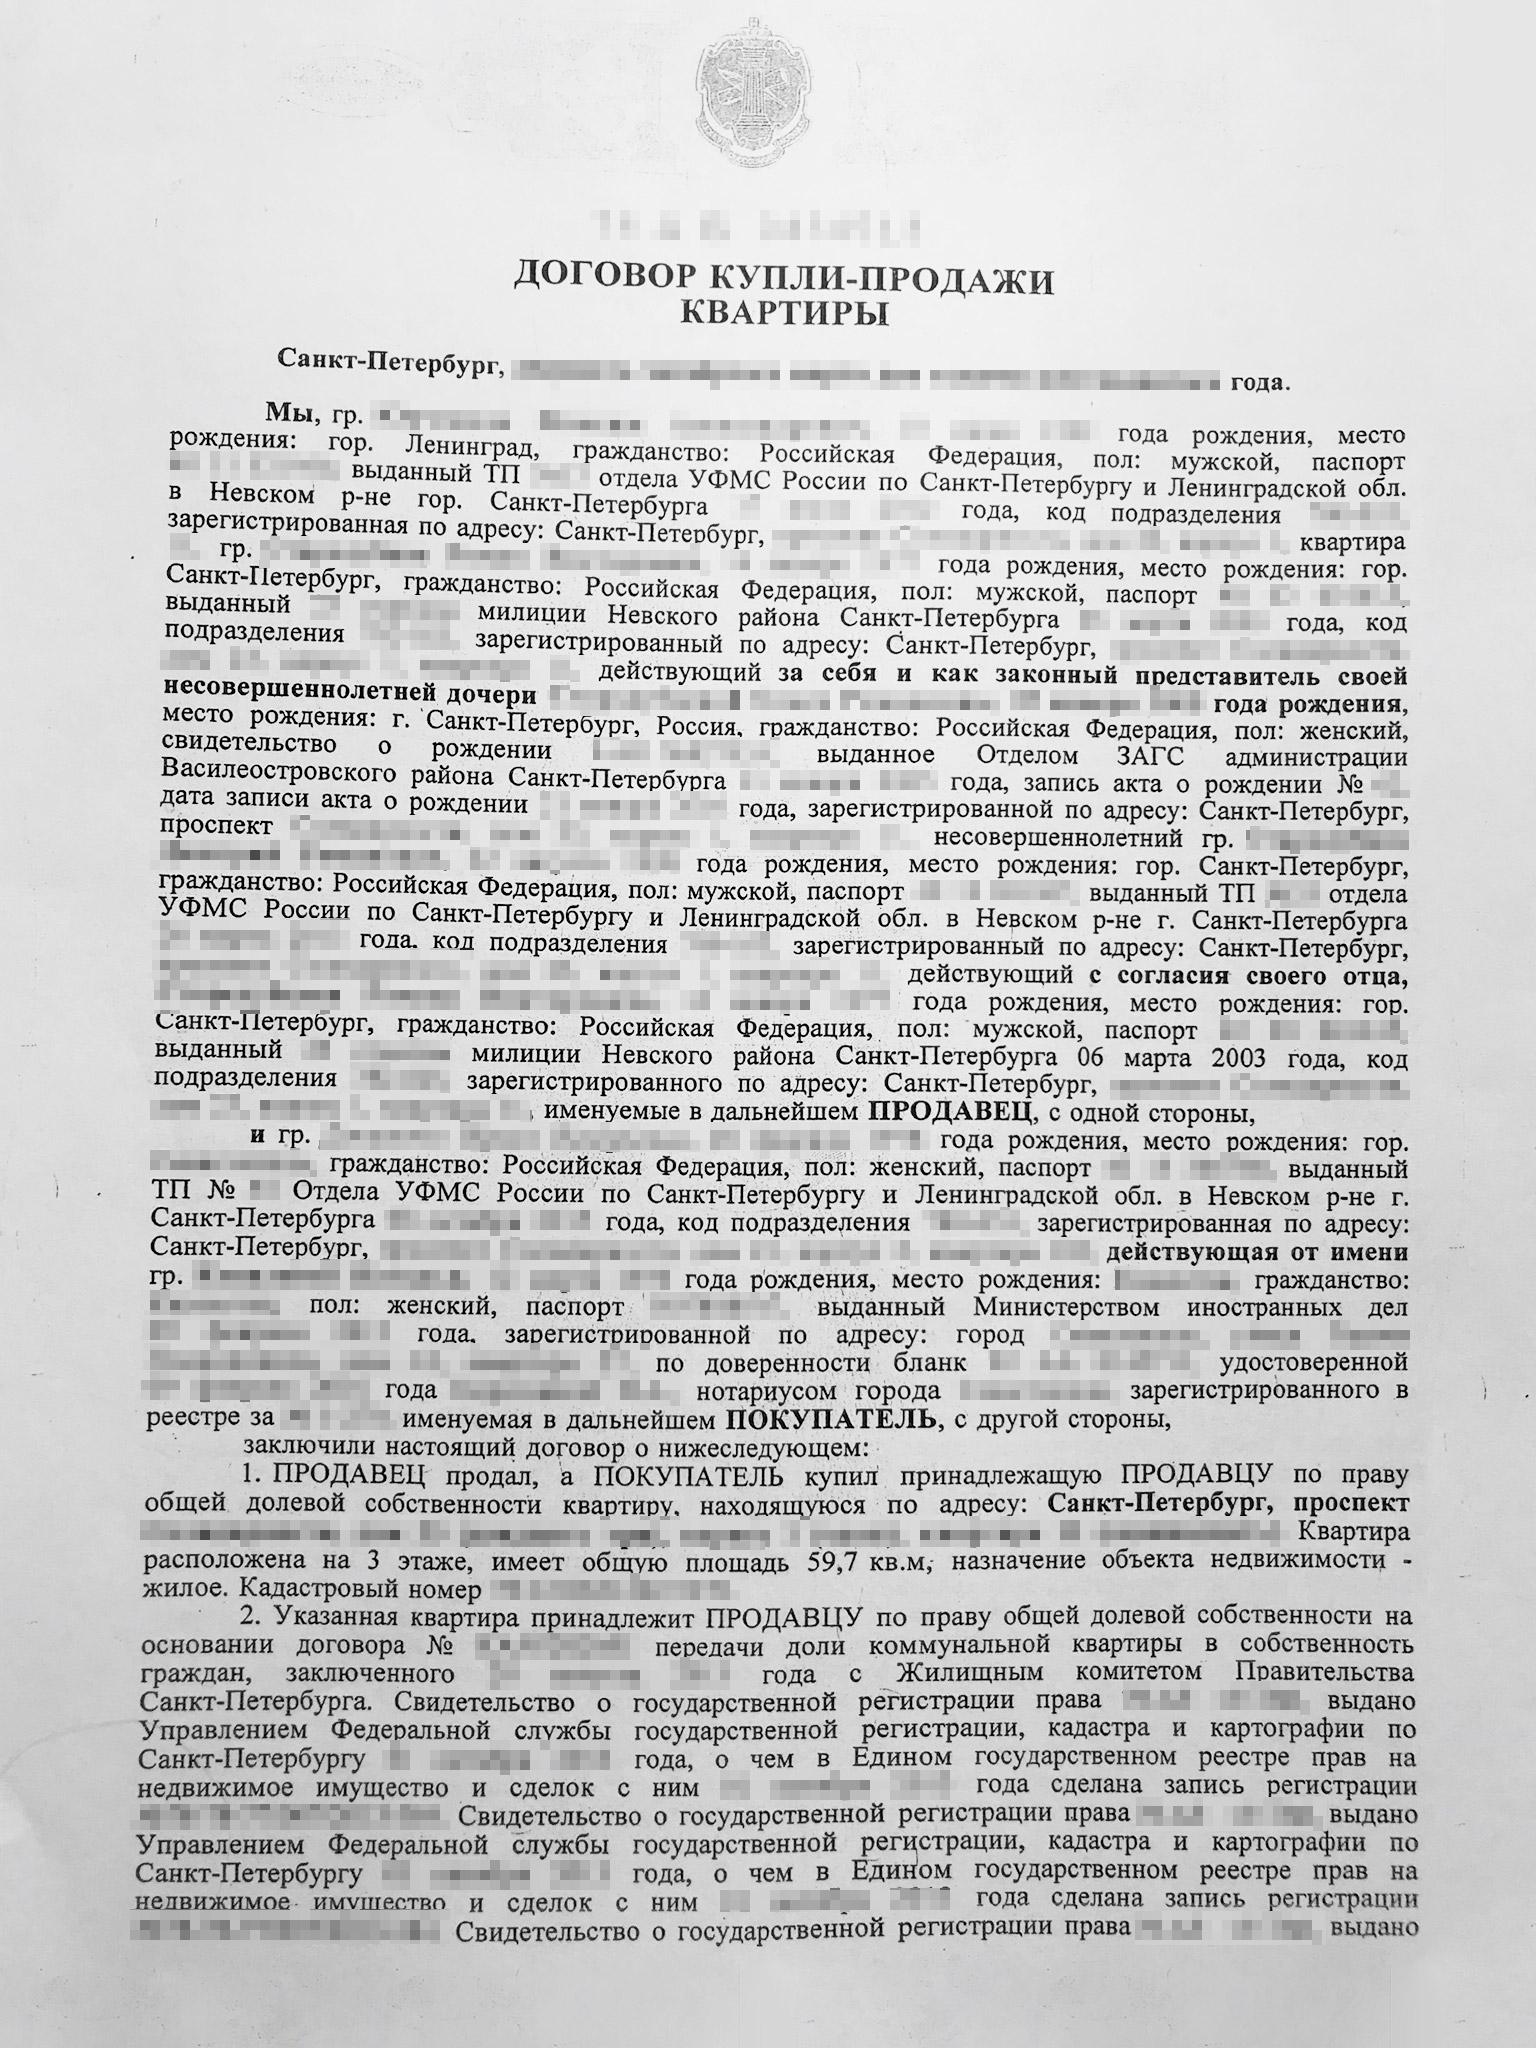 Первая страница договора купли-продажи